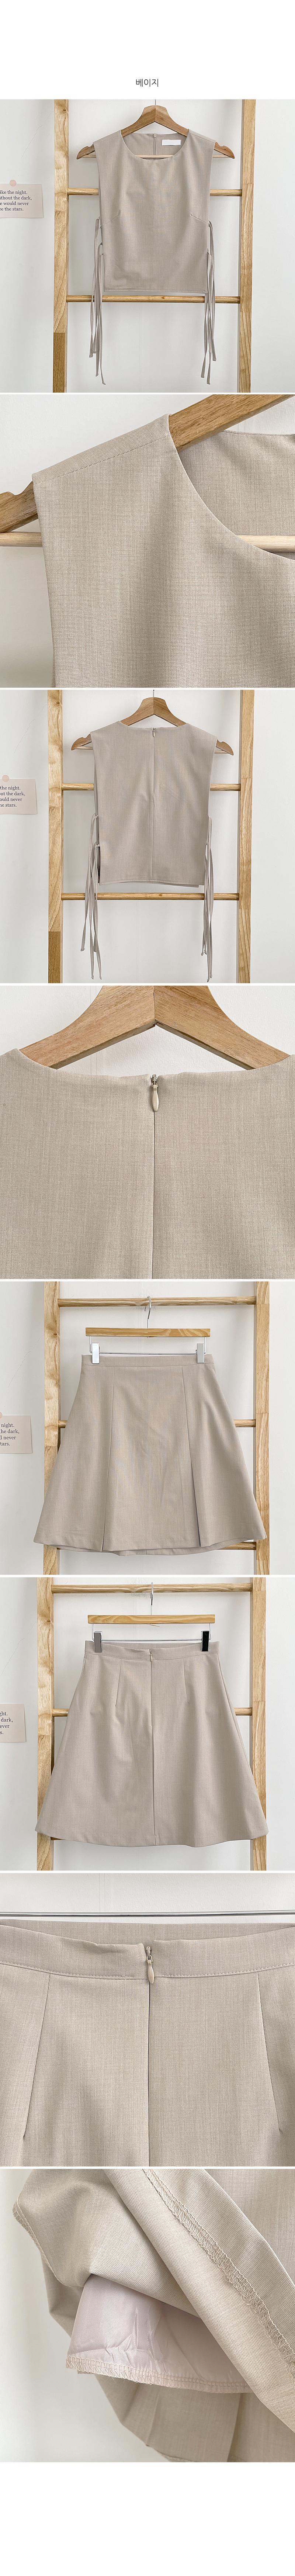 Mabel vest + skirt set